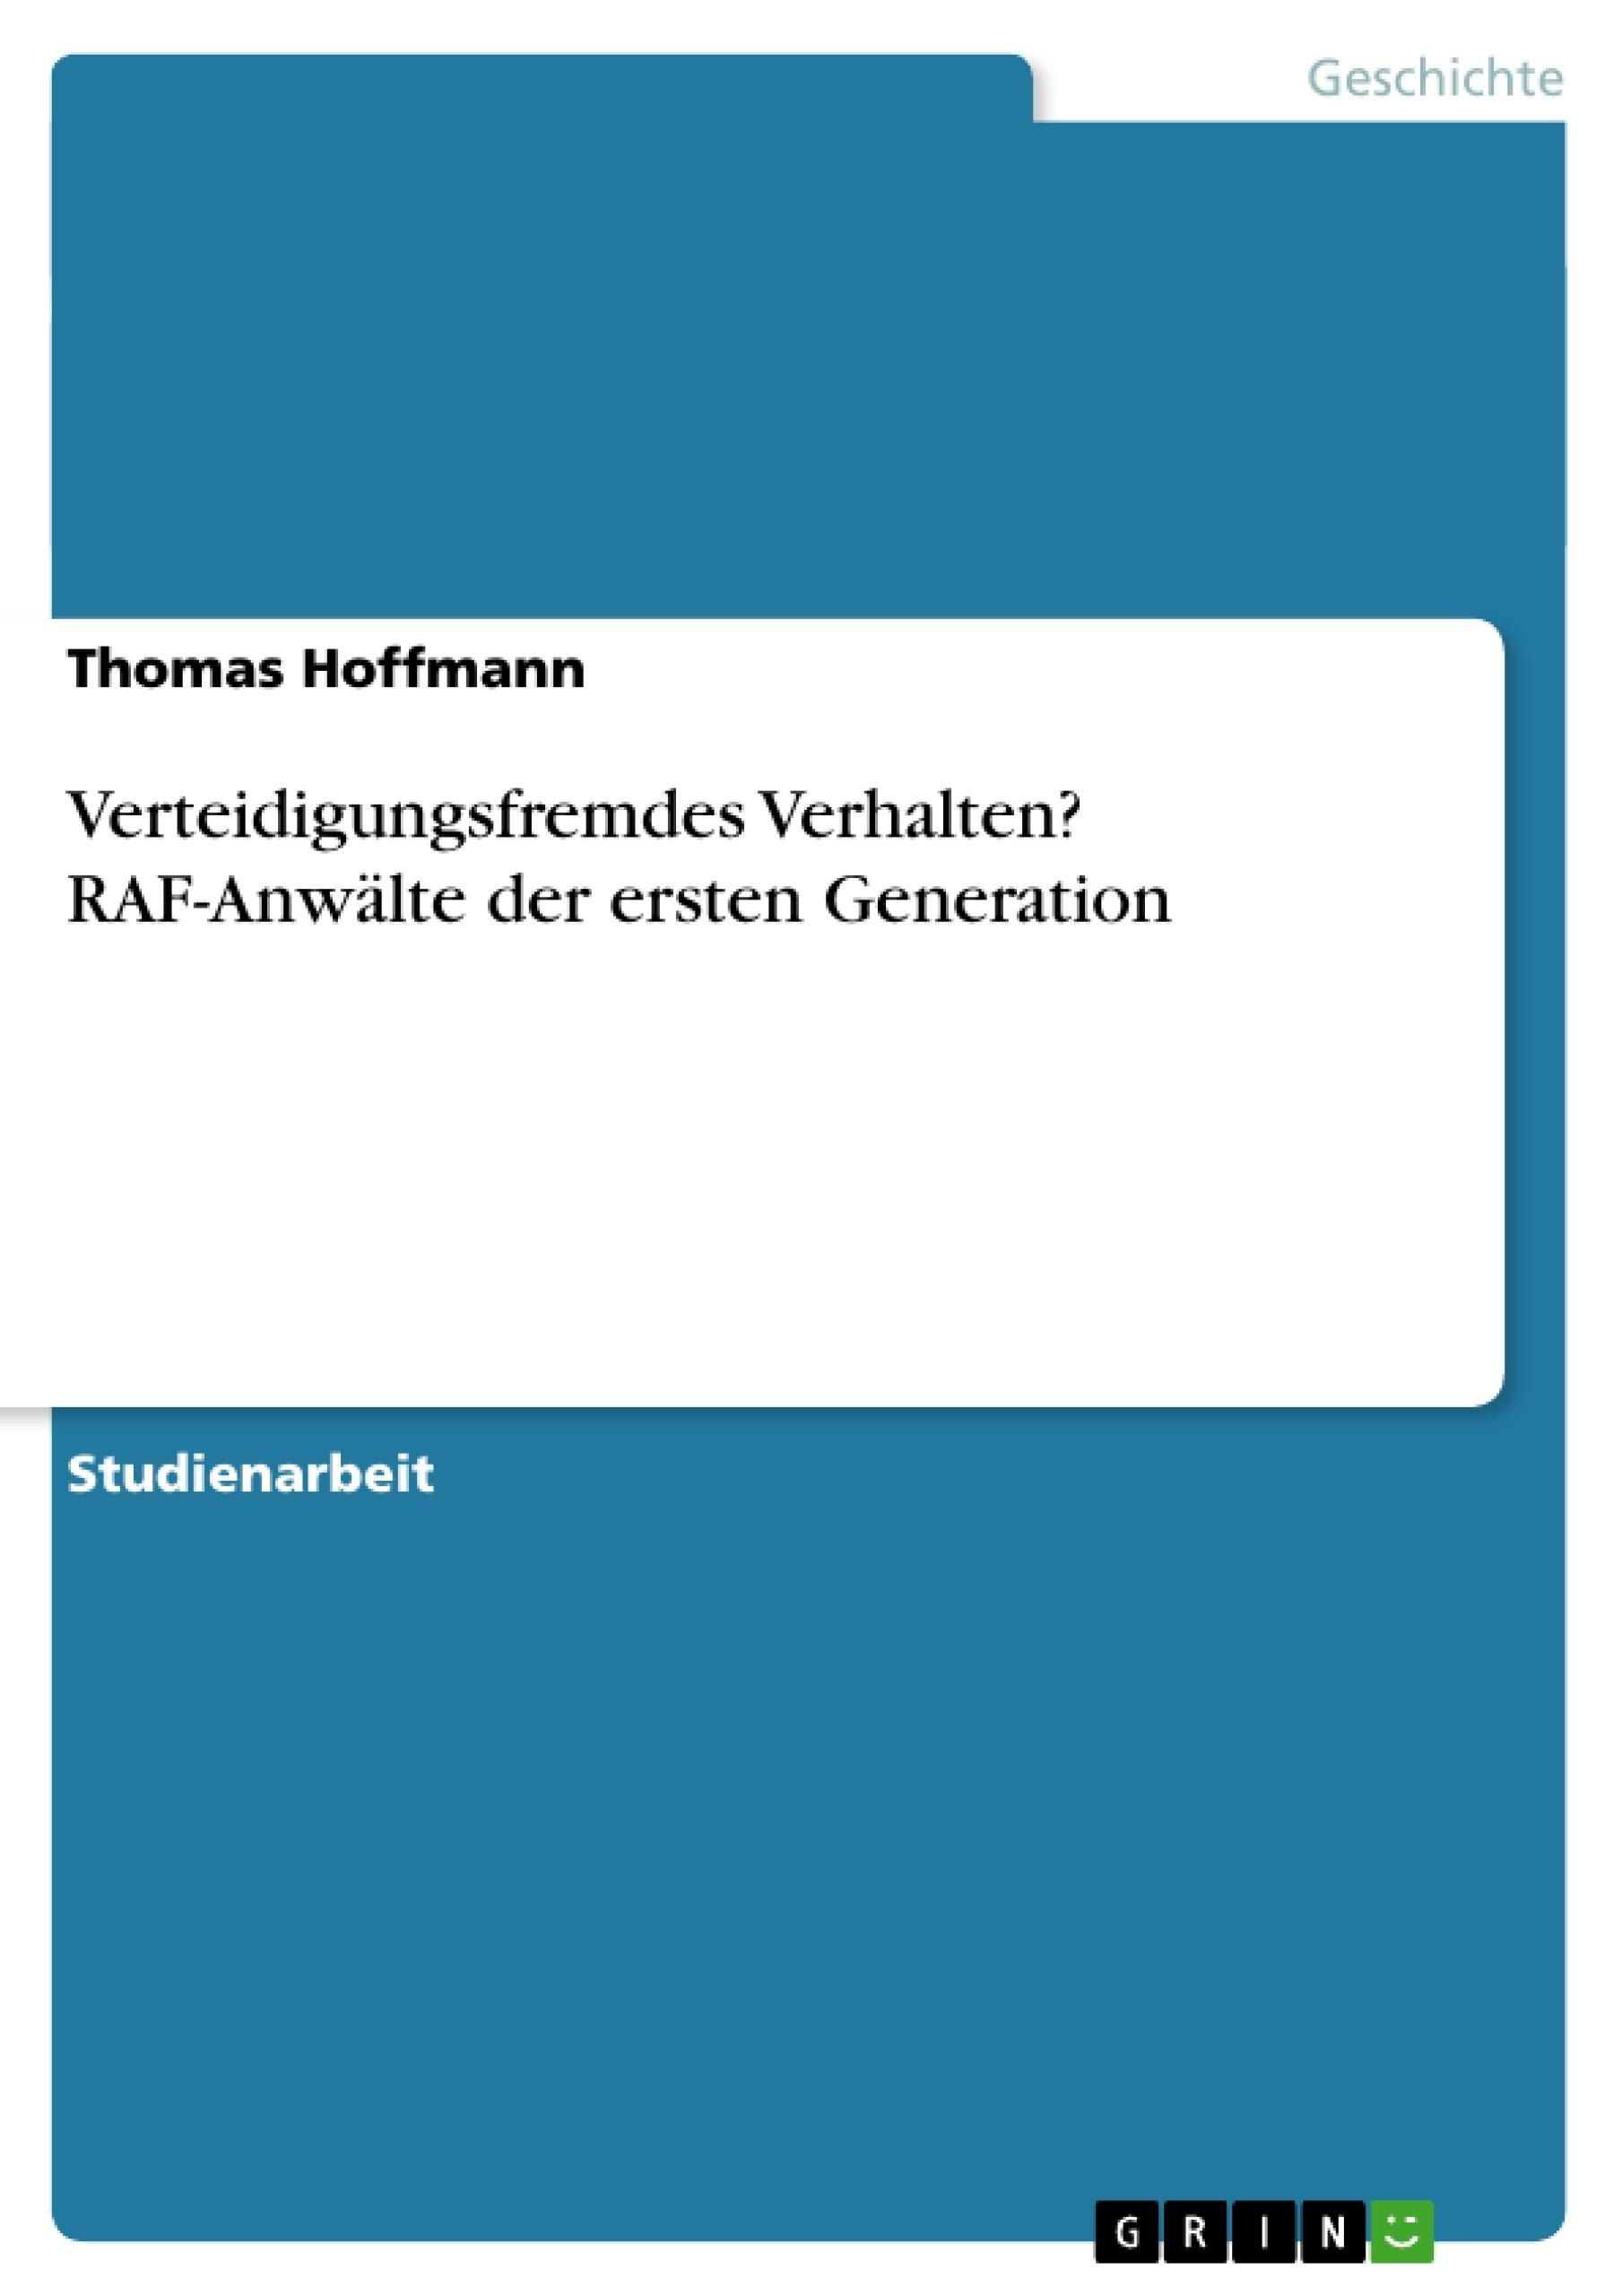 Titel: Verteidigungsfremdes Verhalten? RAF-Anwälte der ersten Generation